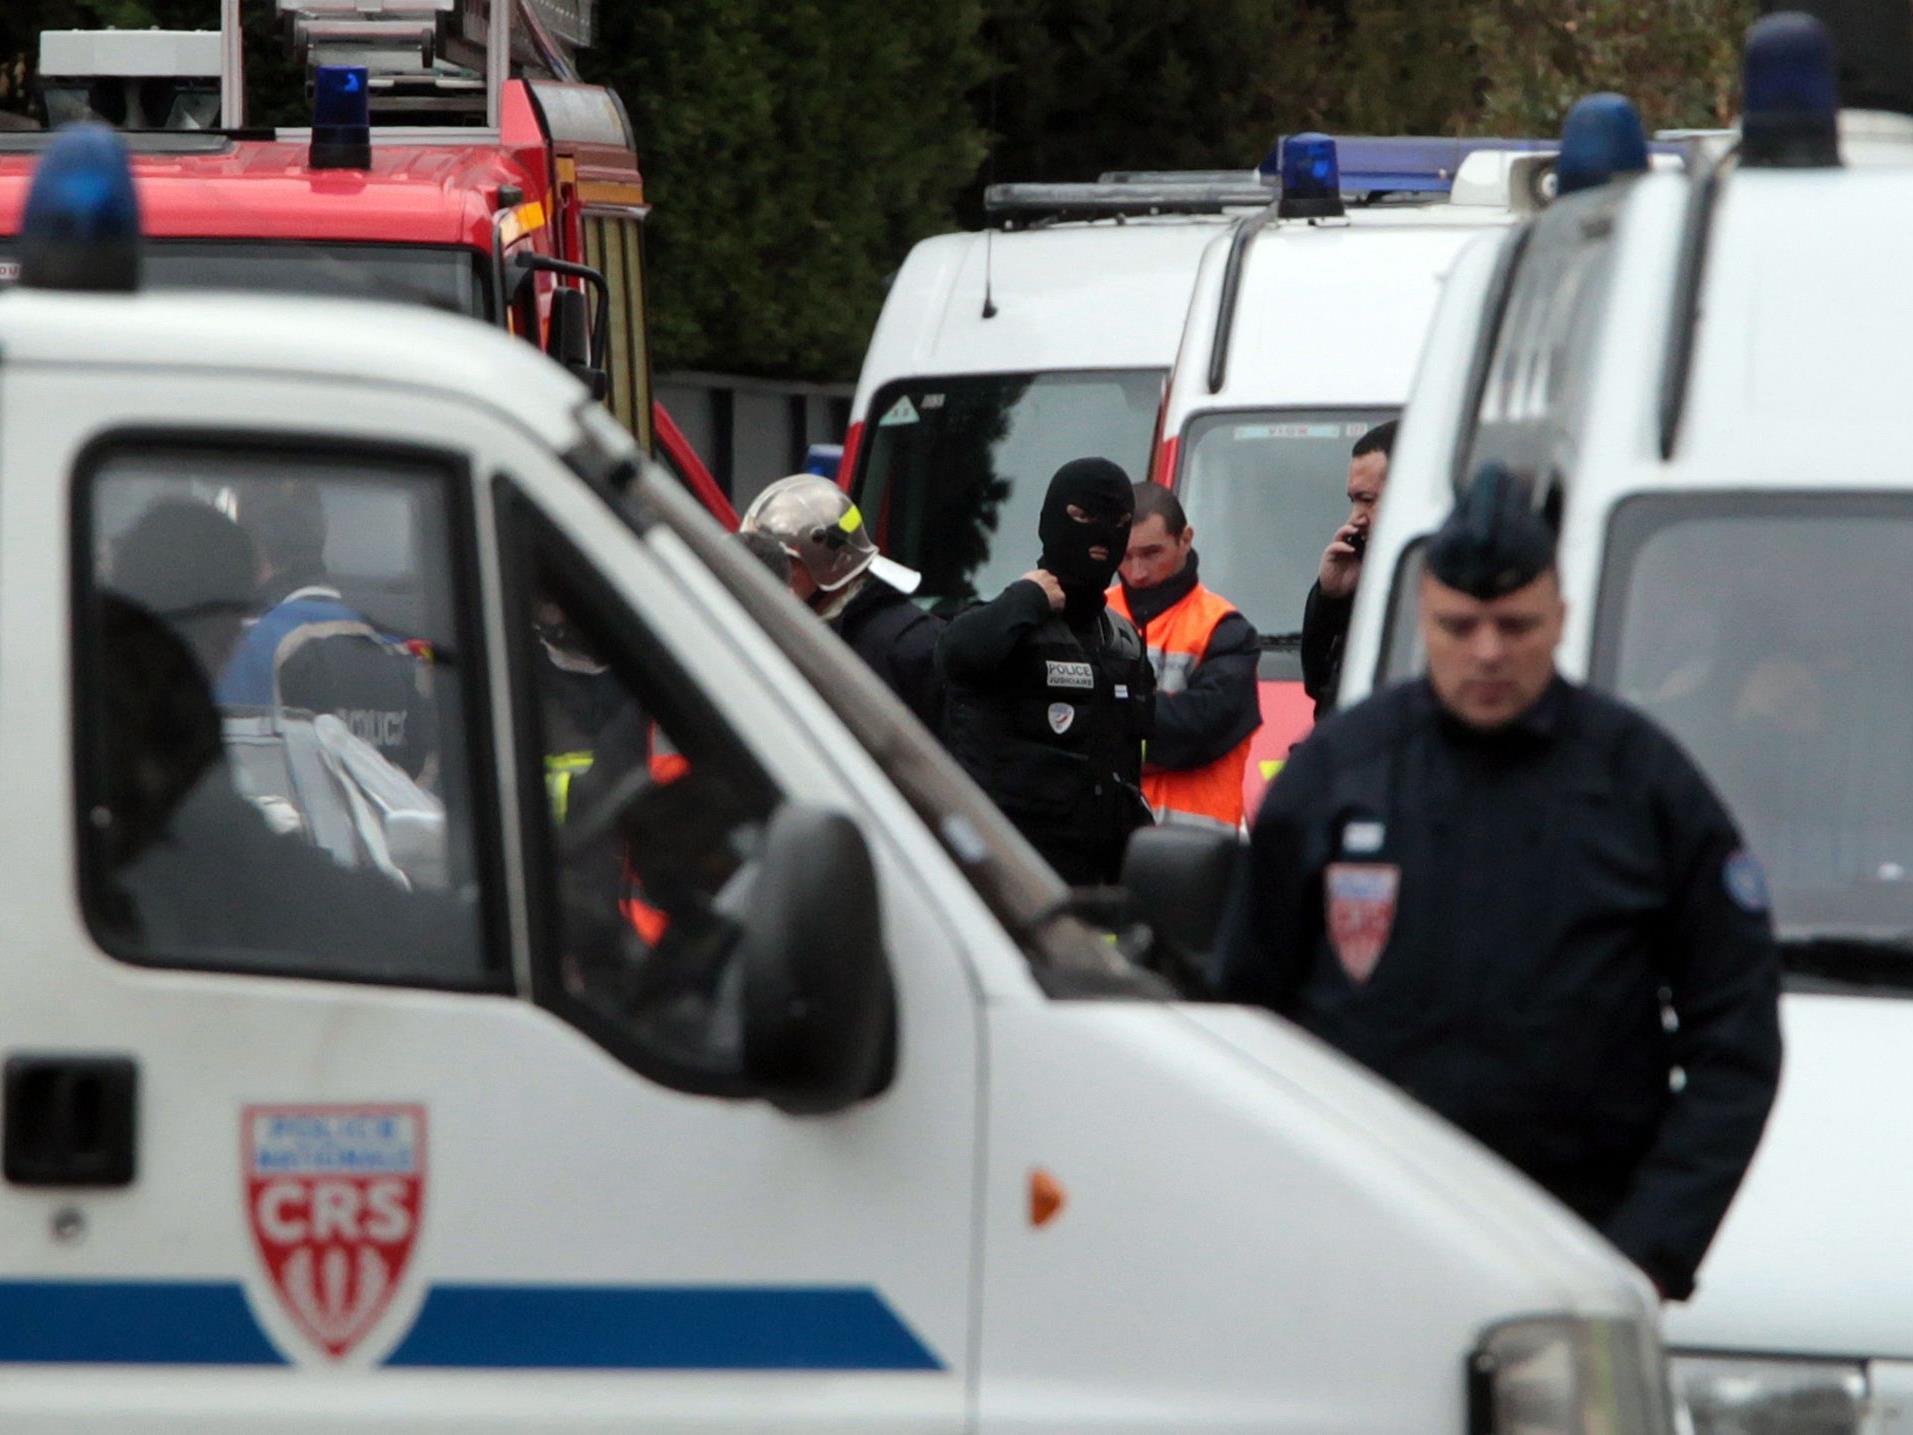 Die französische Polizei riegelte das Haus, in dem sich der Verdächtige aufhielt, ab.